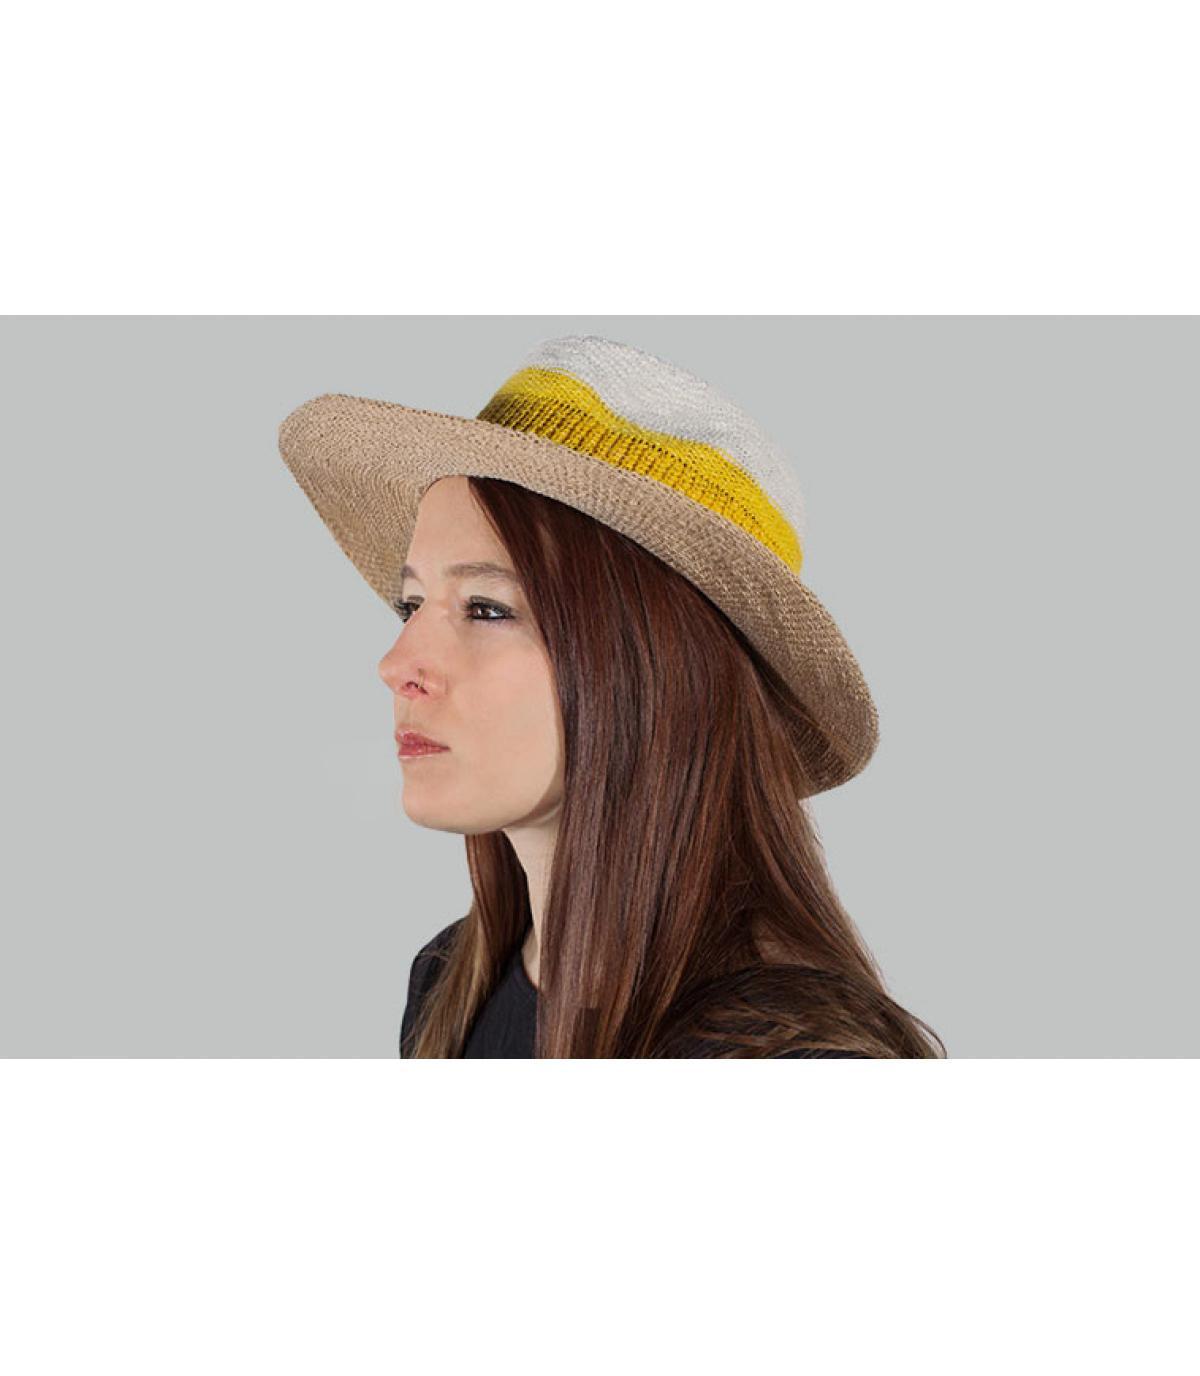 chapeau rayé jaune